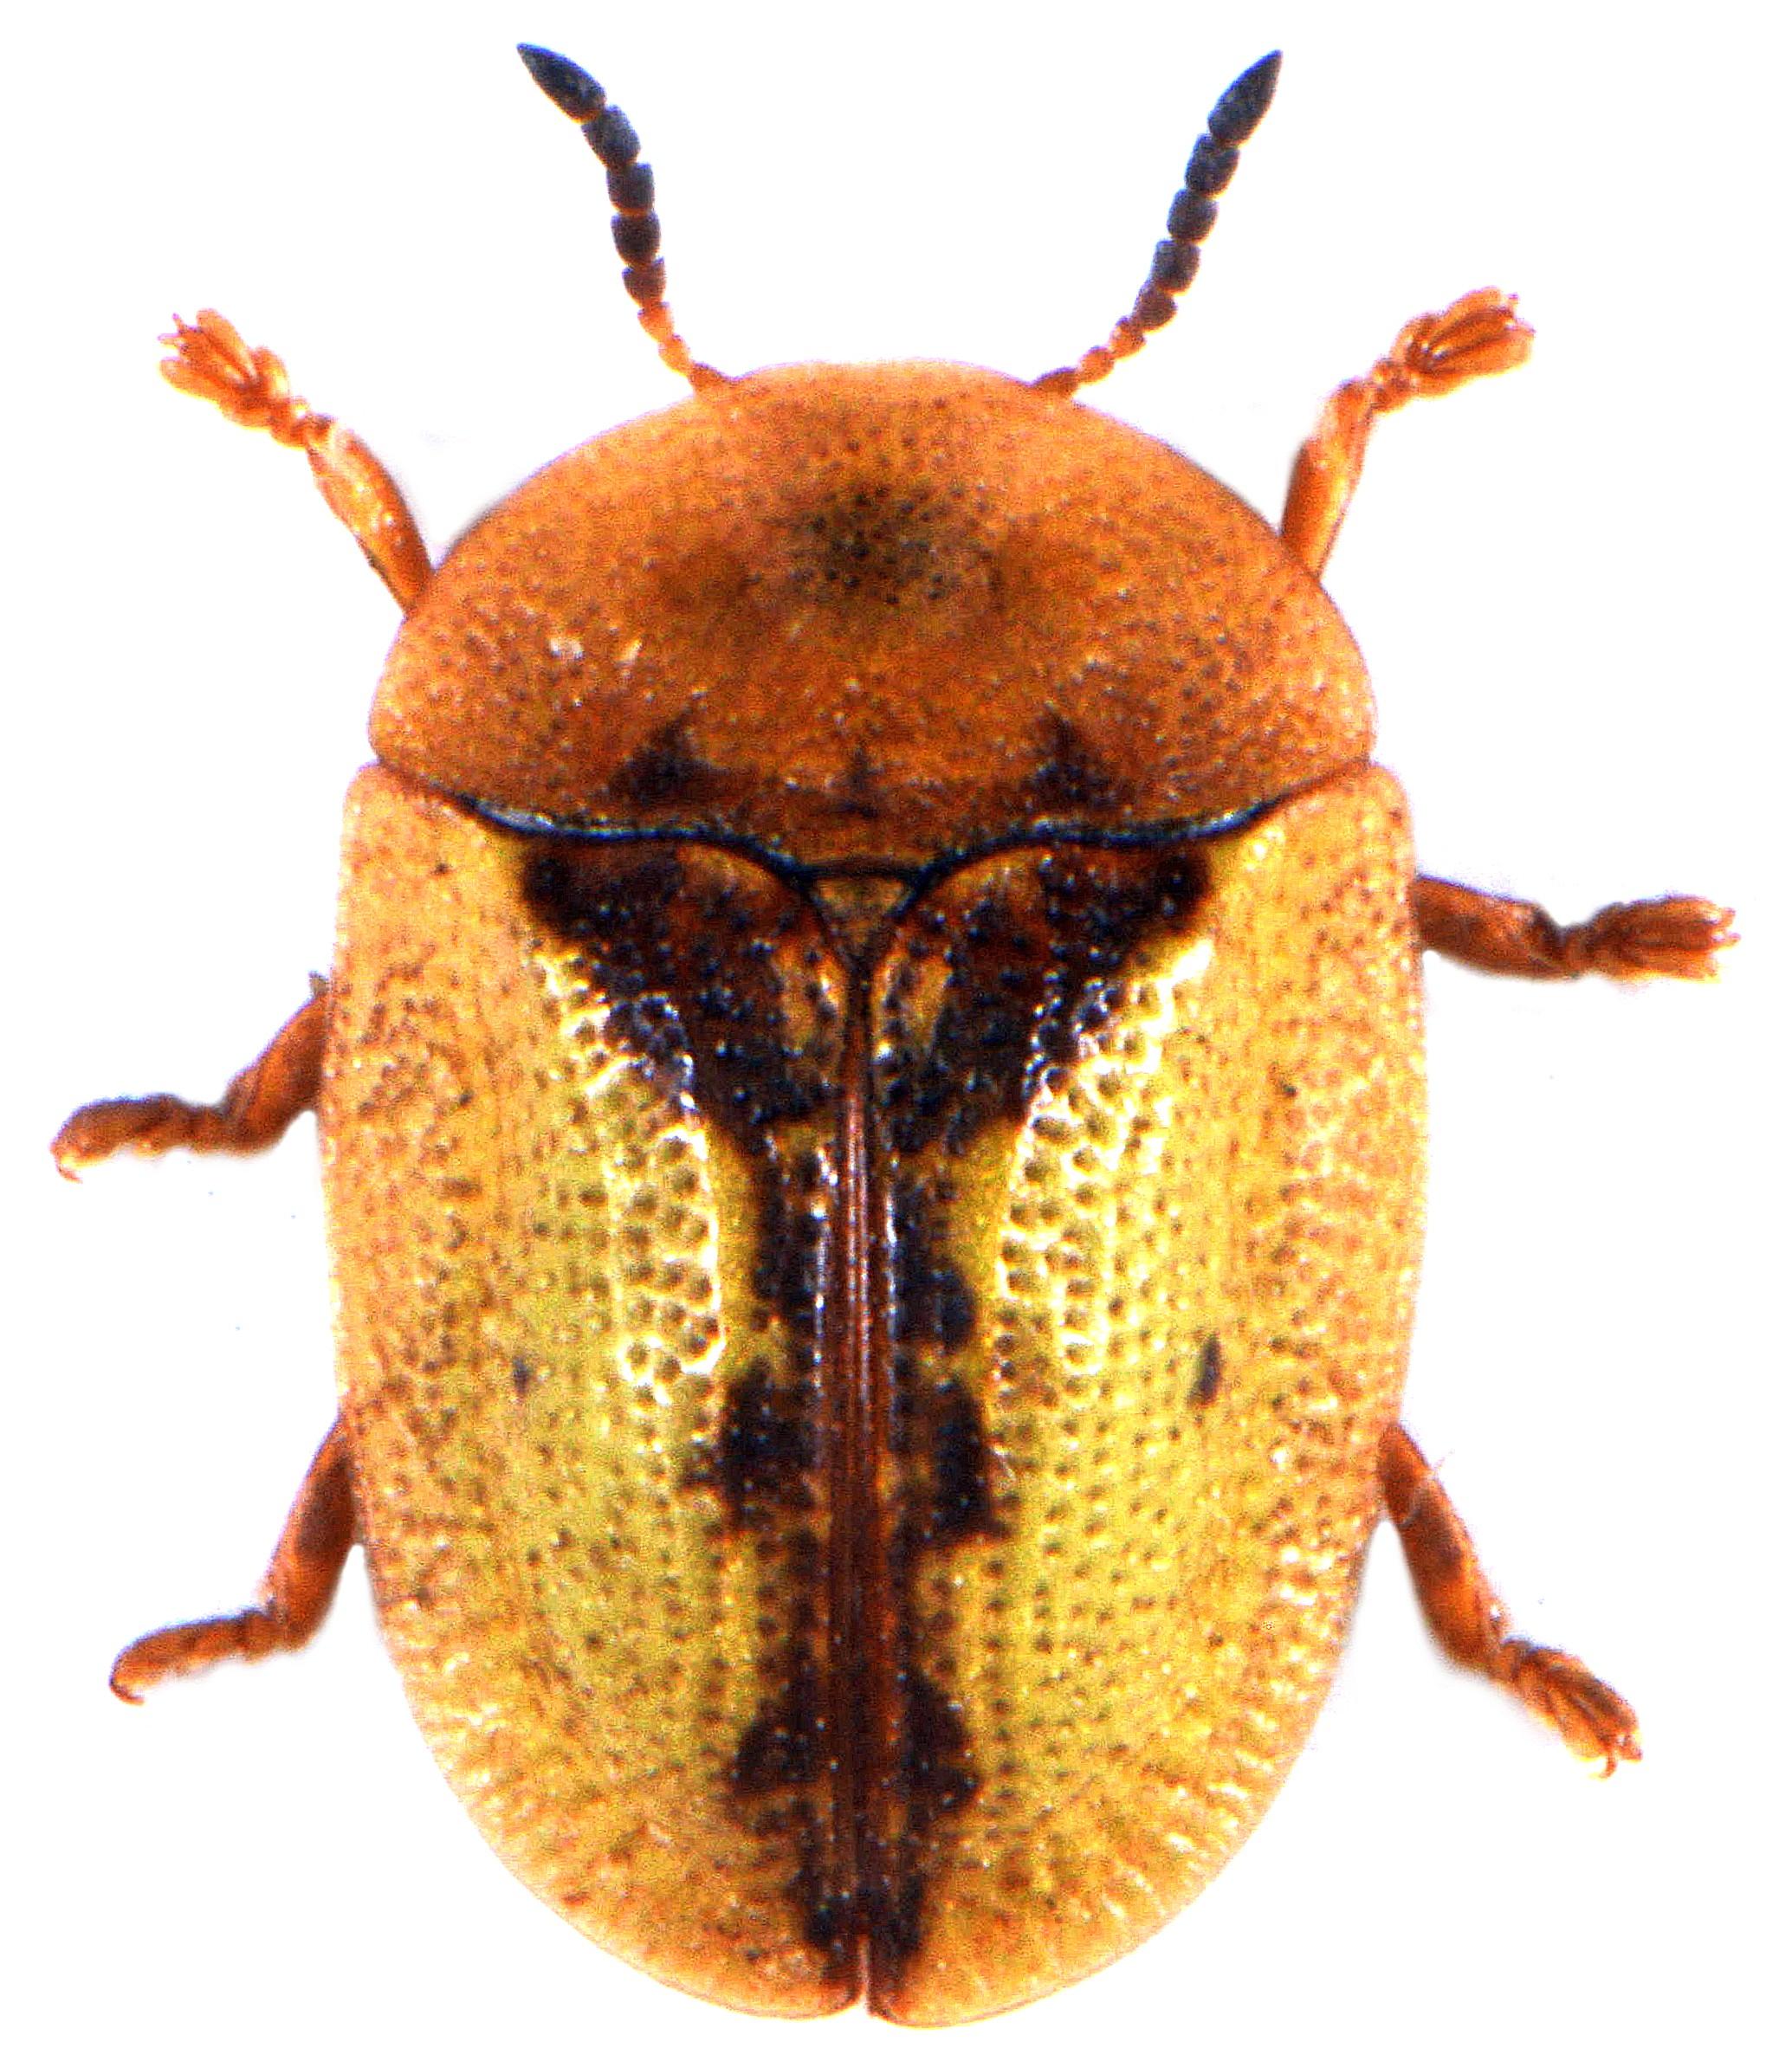 Cassida vibex